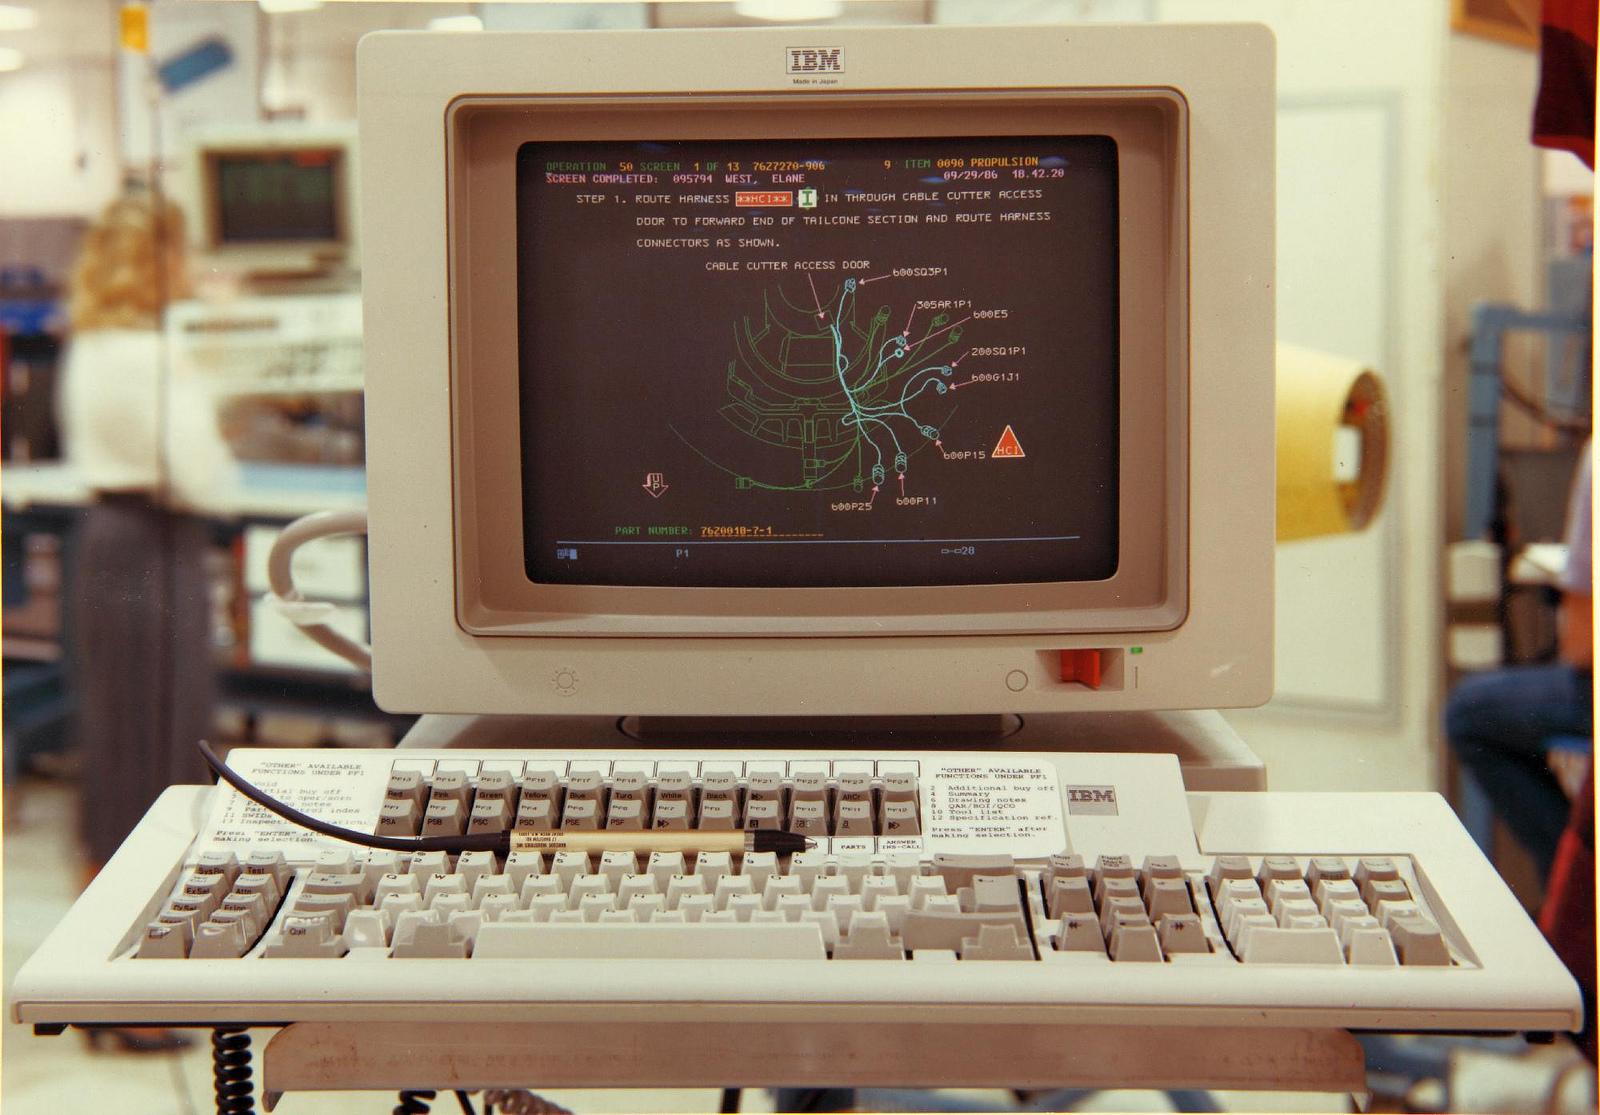 Eviter la lose d'être mauvais en informatique